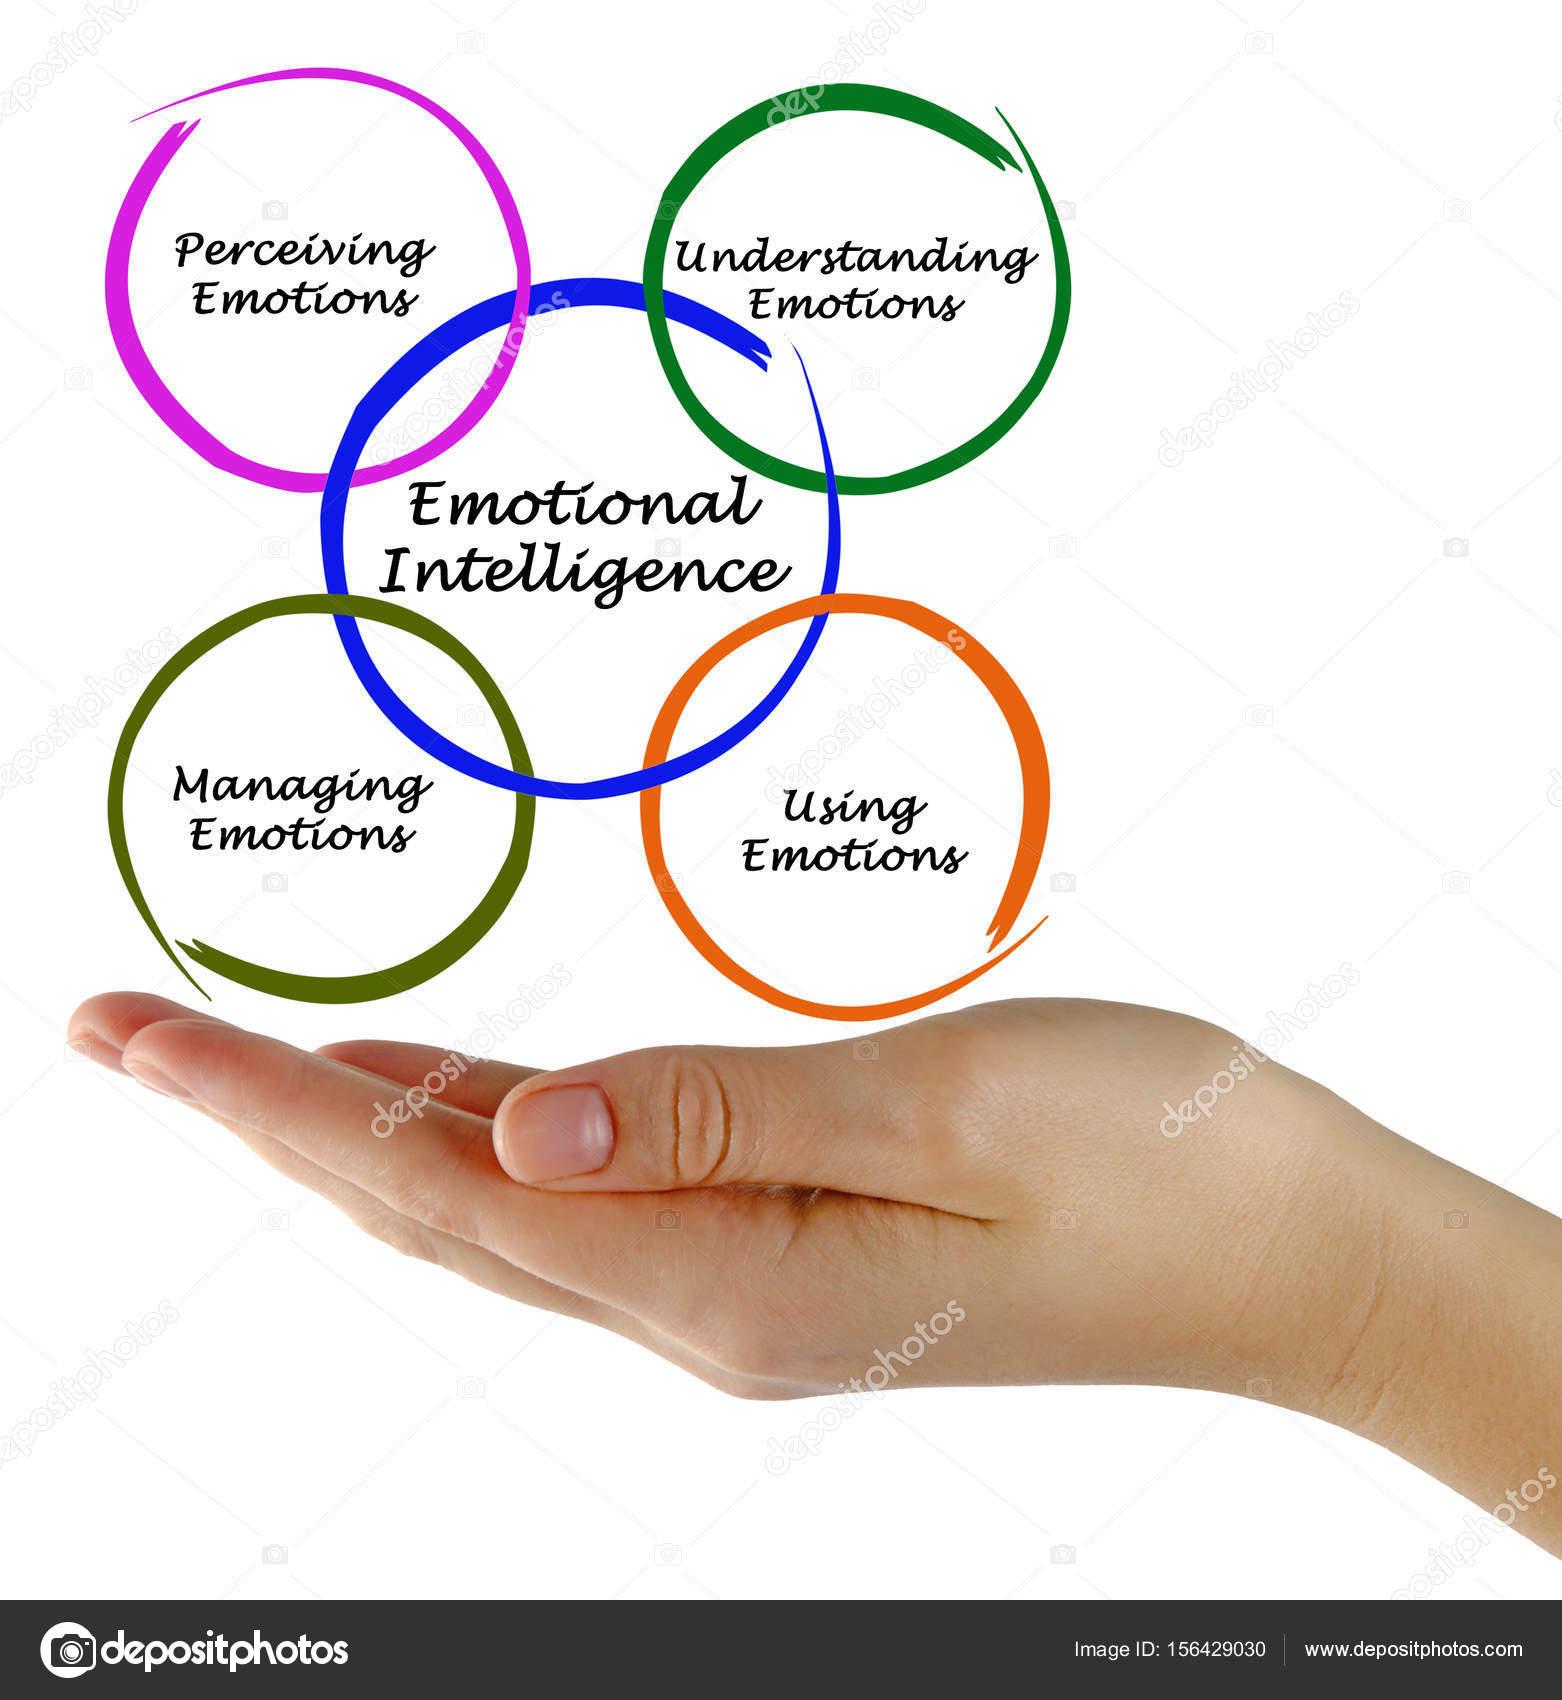 Diagrama da inteligncia emocional stock photo vaeenma 156429030 diagrama da inteligncia emocional foto de vaeenma ccuart Gallery